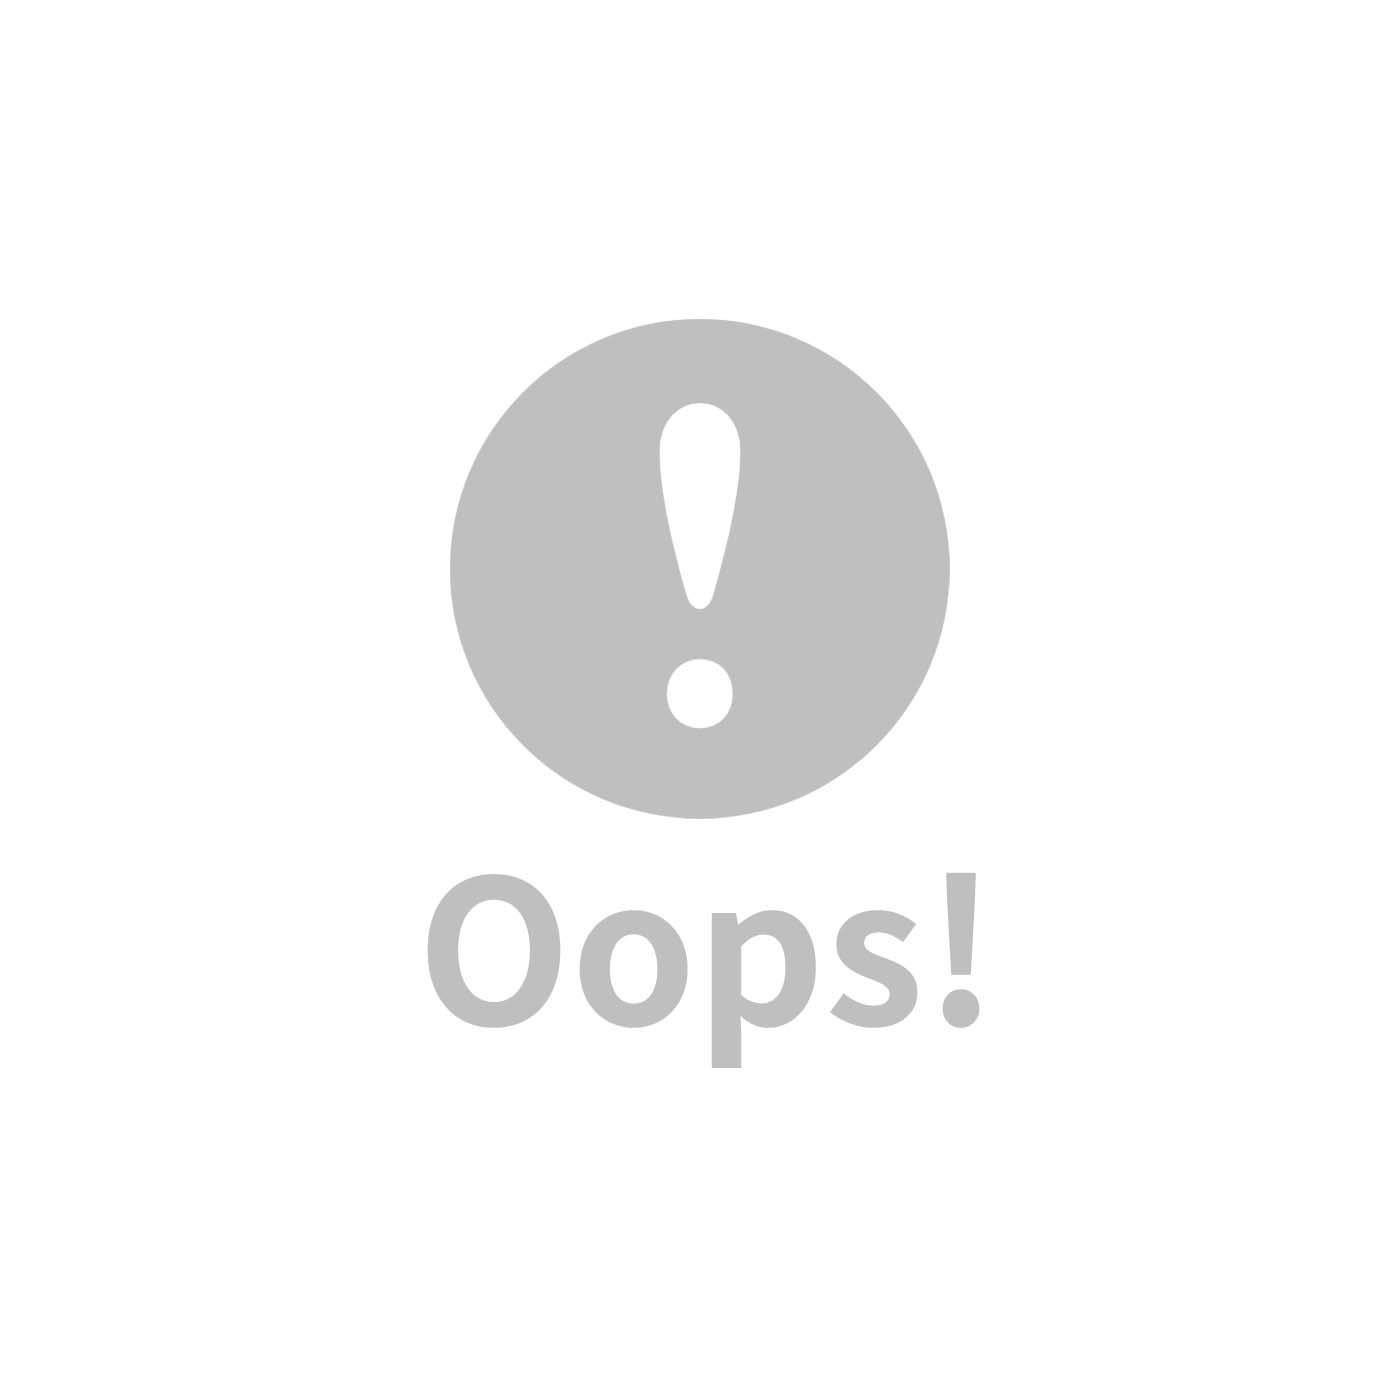 【此商品為預購品,於4/10起出貨】Milo & Gabby 動物好朋友-長條抱枕心枕套組(Dylan恐龍)